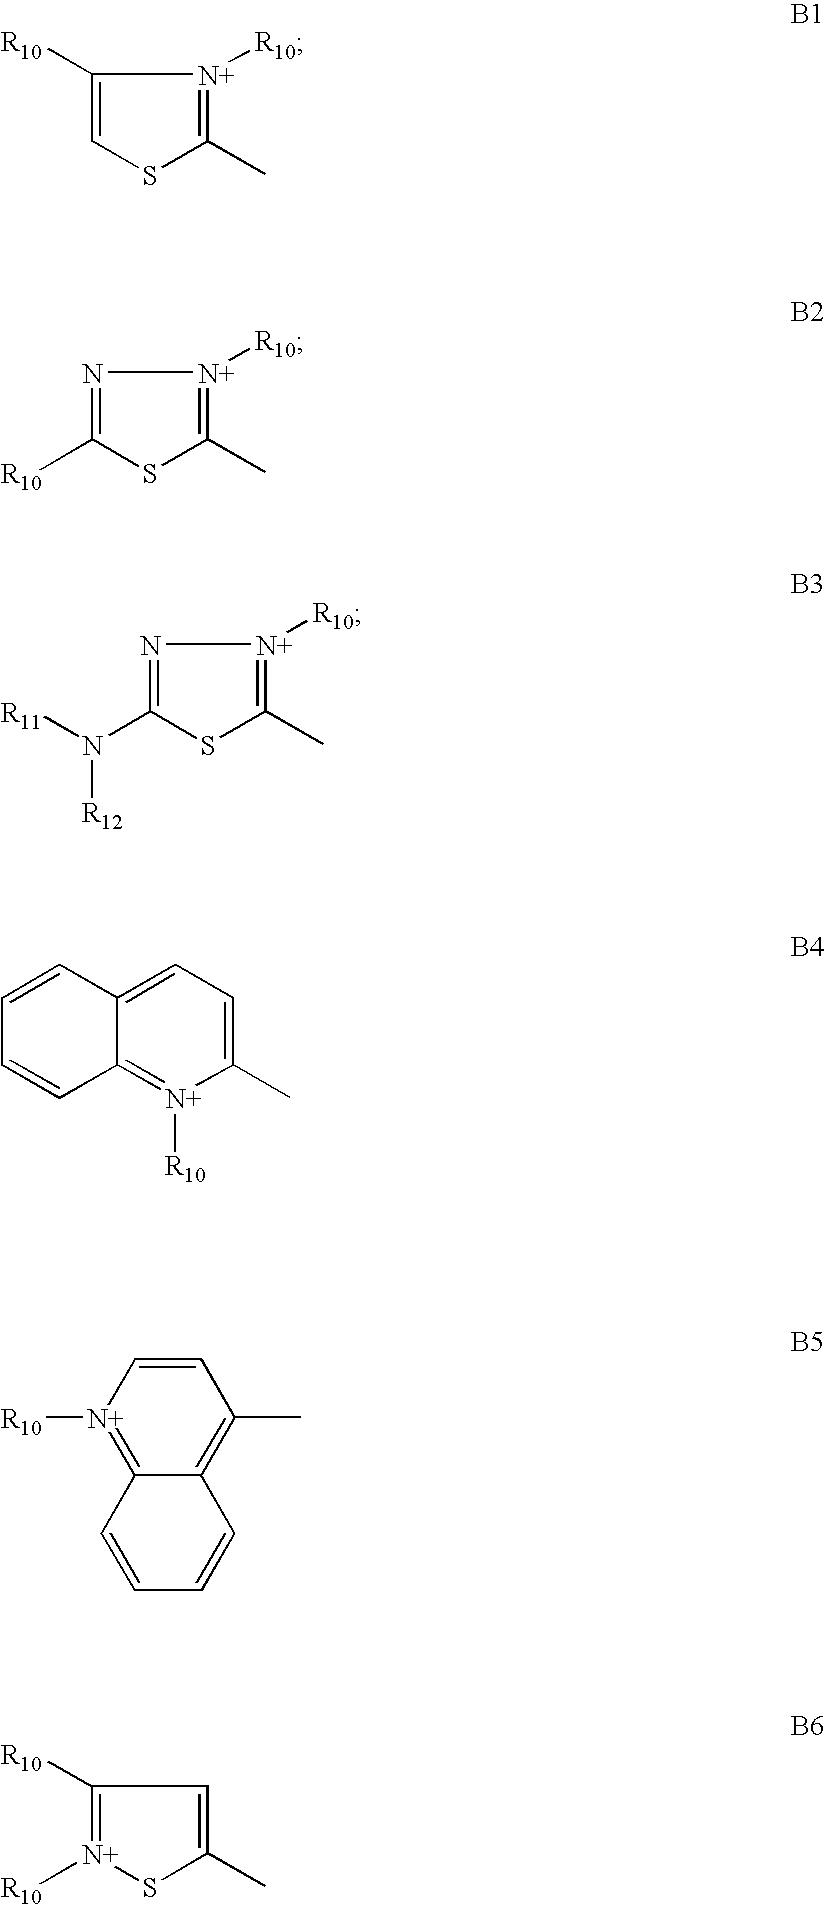 Figure US20100223739A1-20100909-C00006